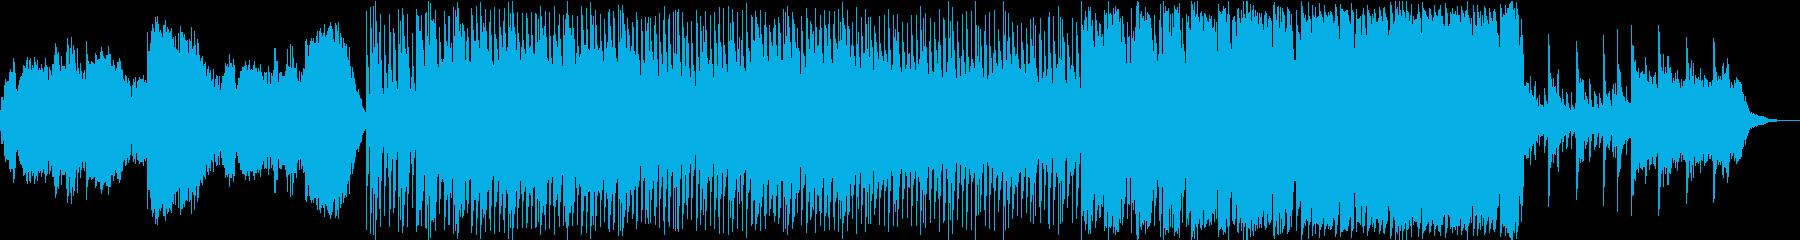 神秘的な森の日常(フルver.)の再生済みの波形